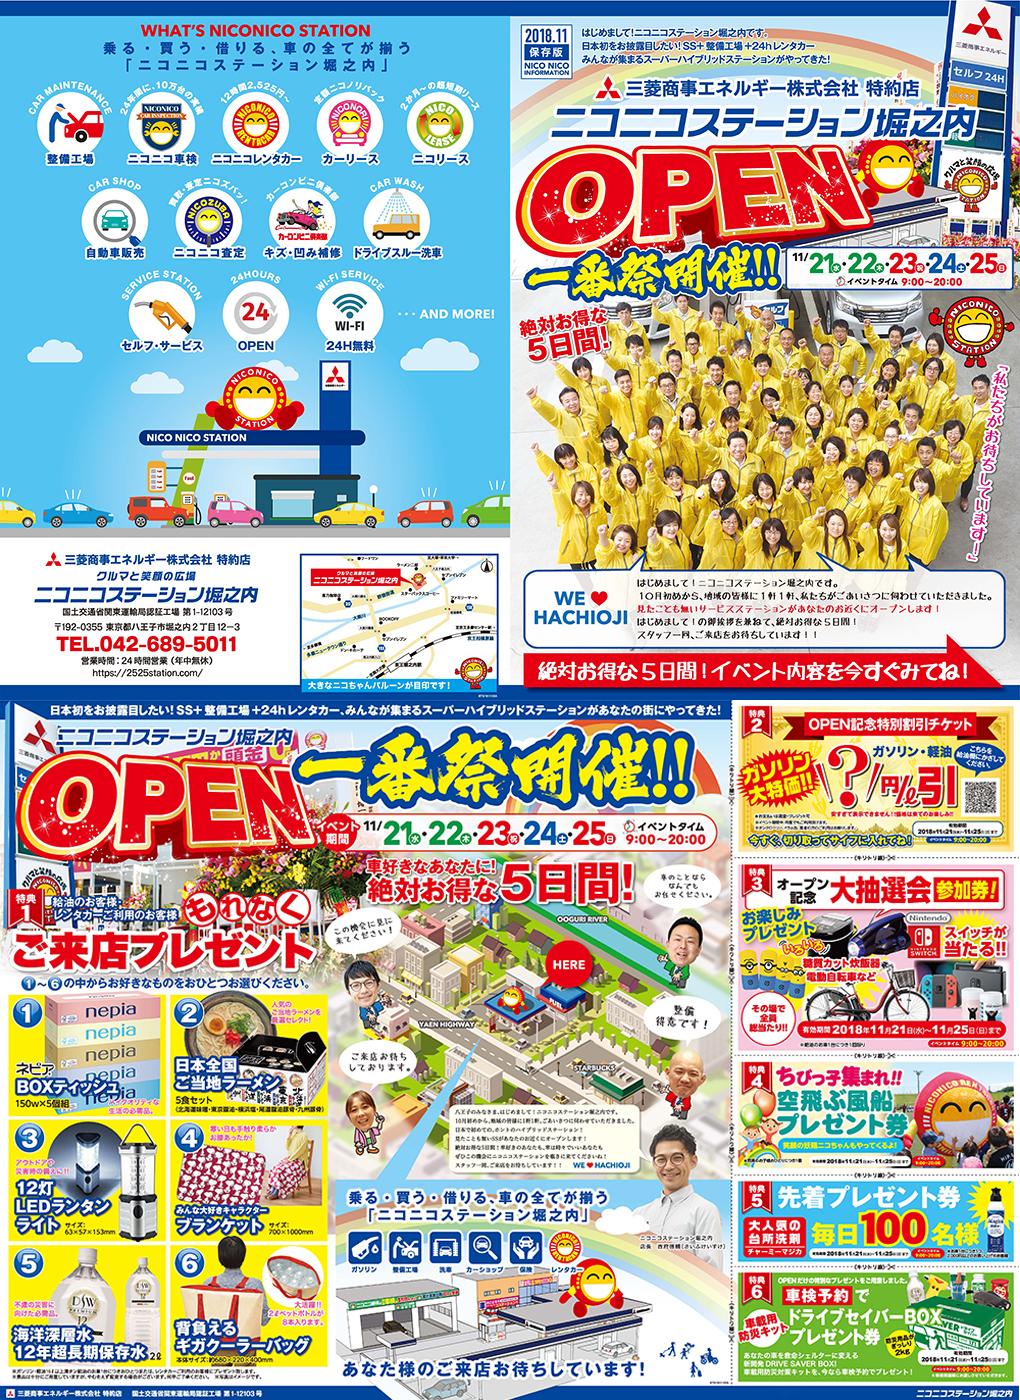 ニコニコステーション堀之内店 OPEN一番祭開催!